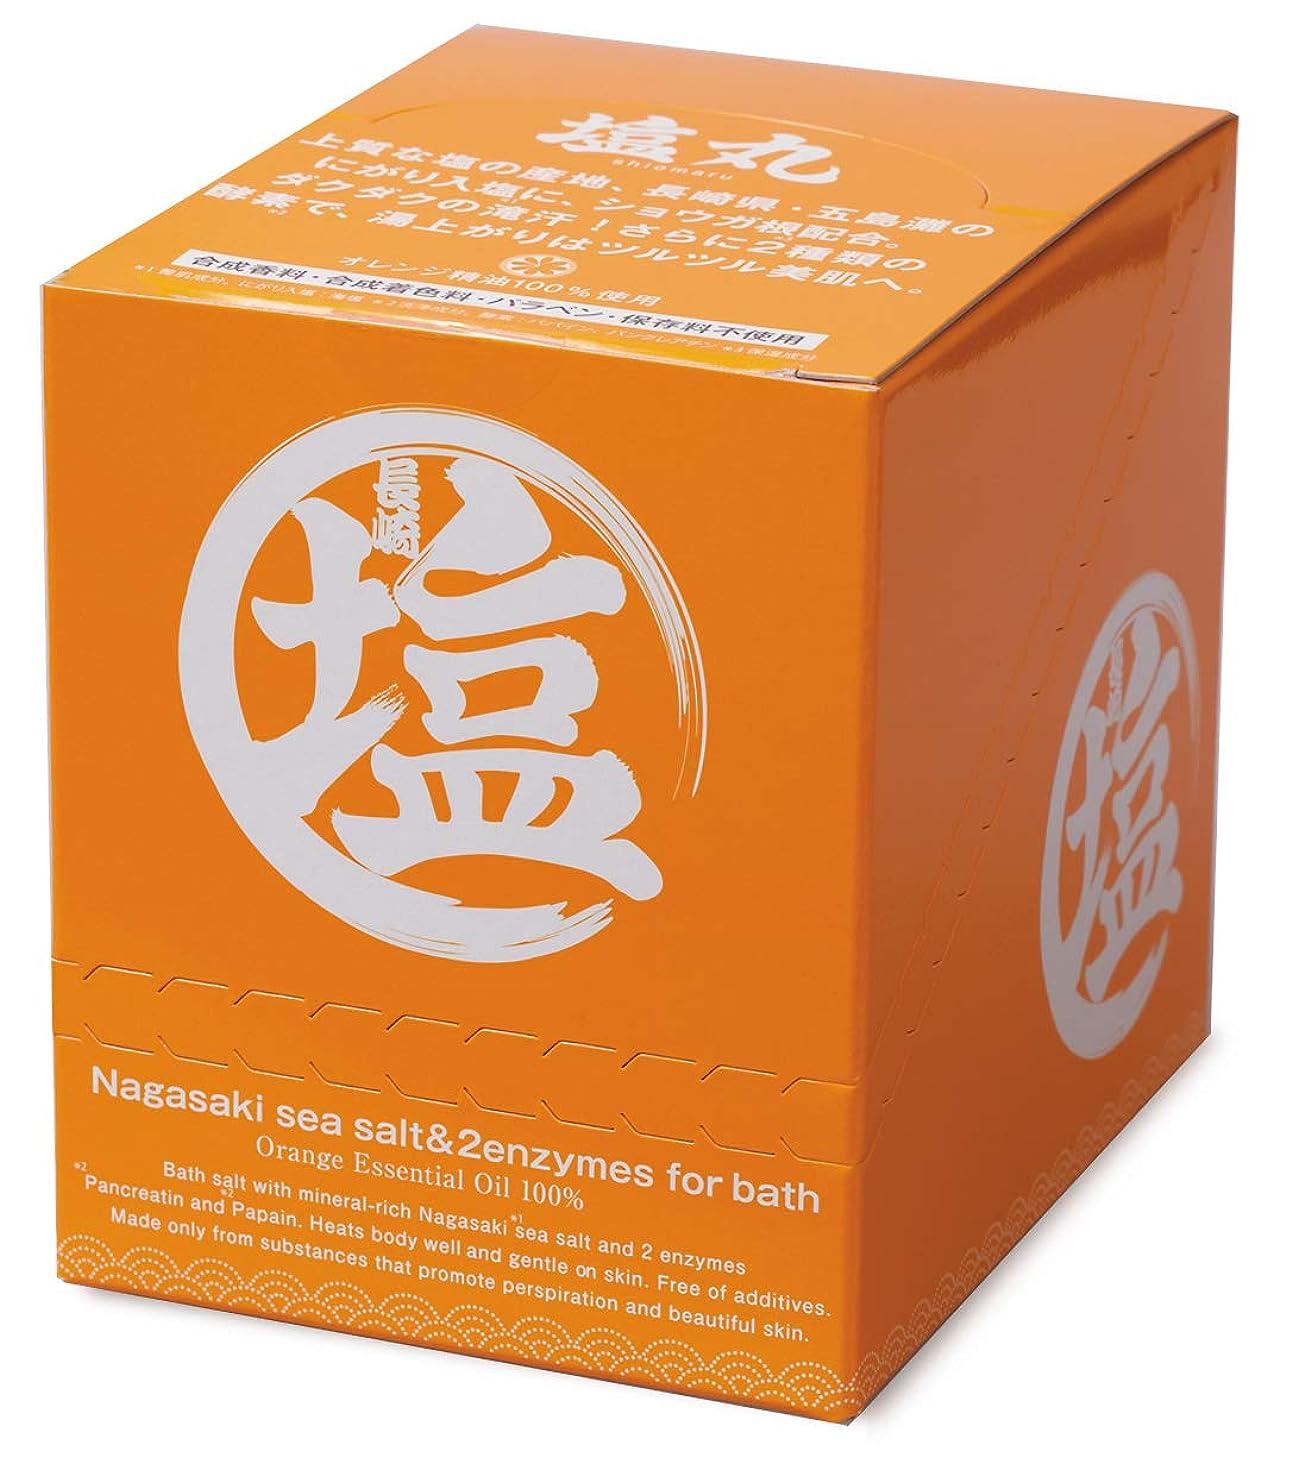 シート違反衝撃(塩丸)長崎産にがり入海塩入浴剤(40g×12包入)オレンジ精油/合成香料?合成着色料?保存料不使用